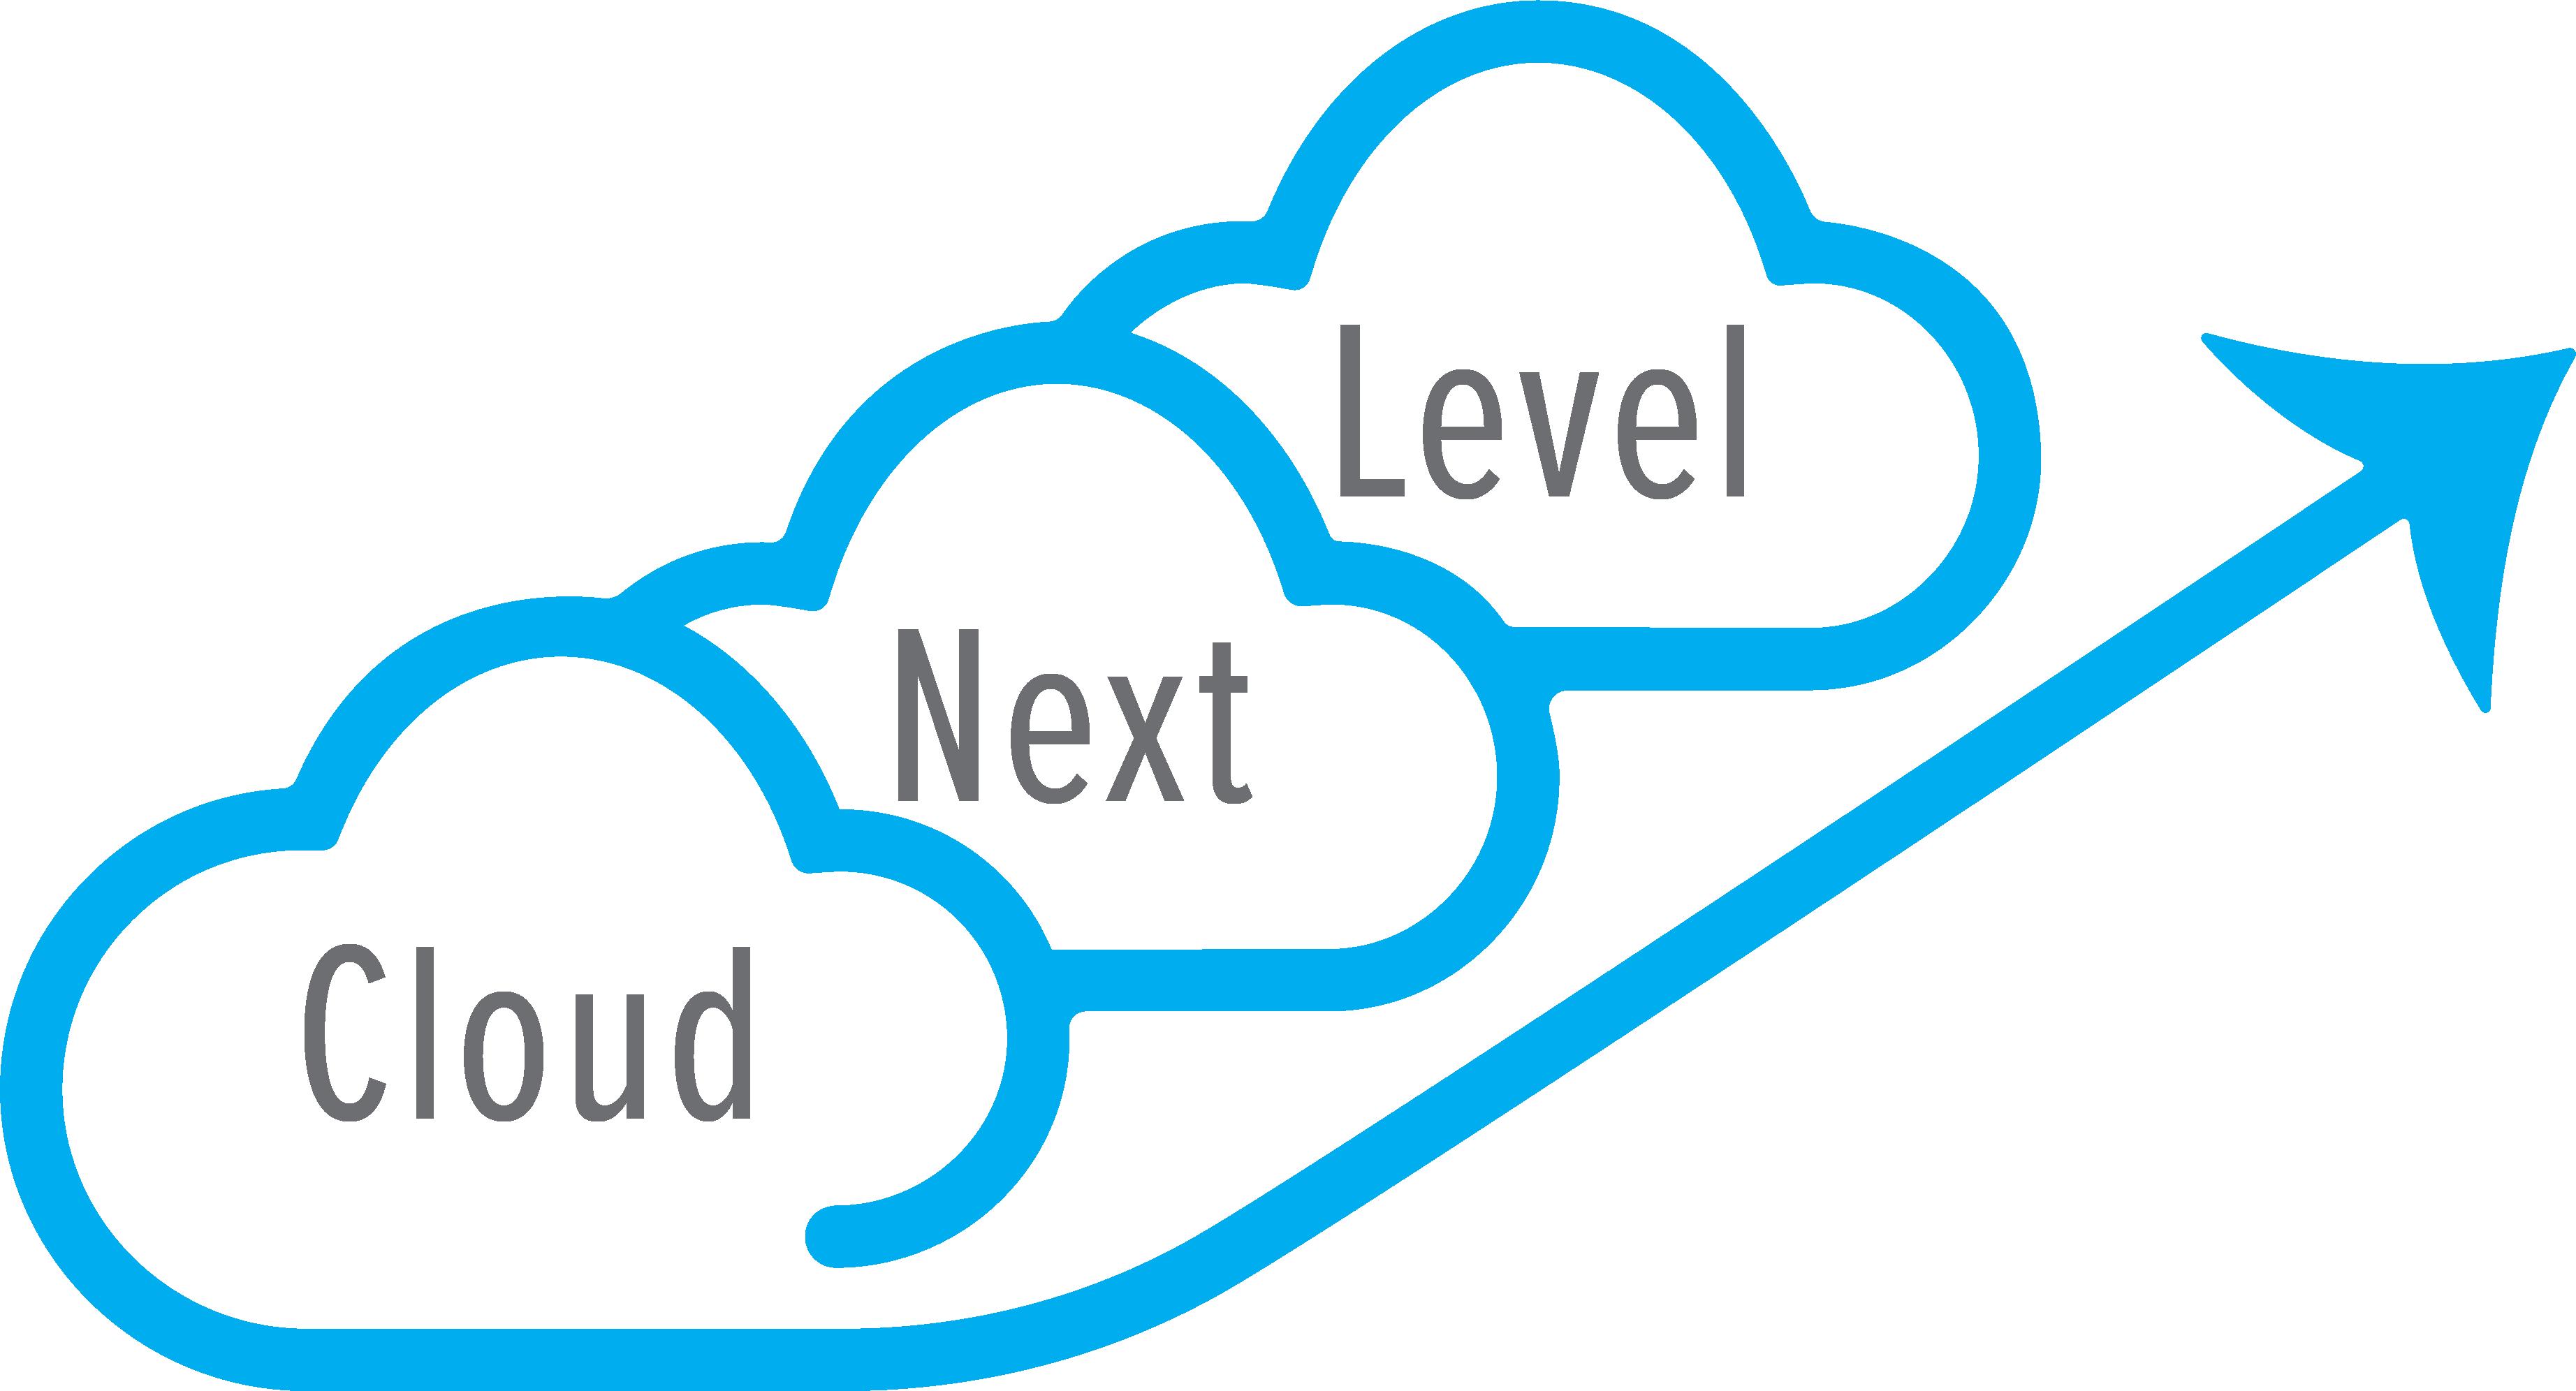 Cloud Next Level